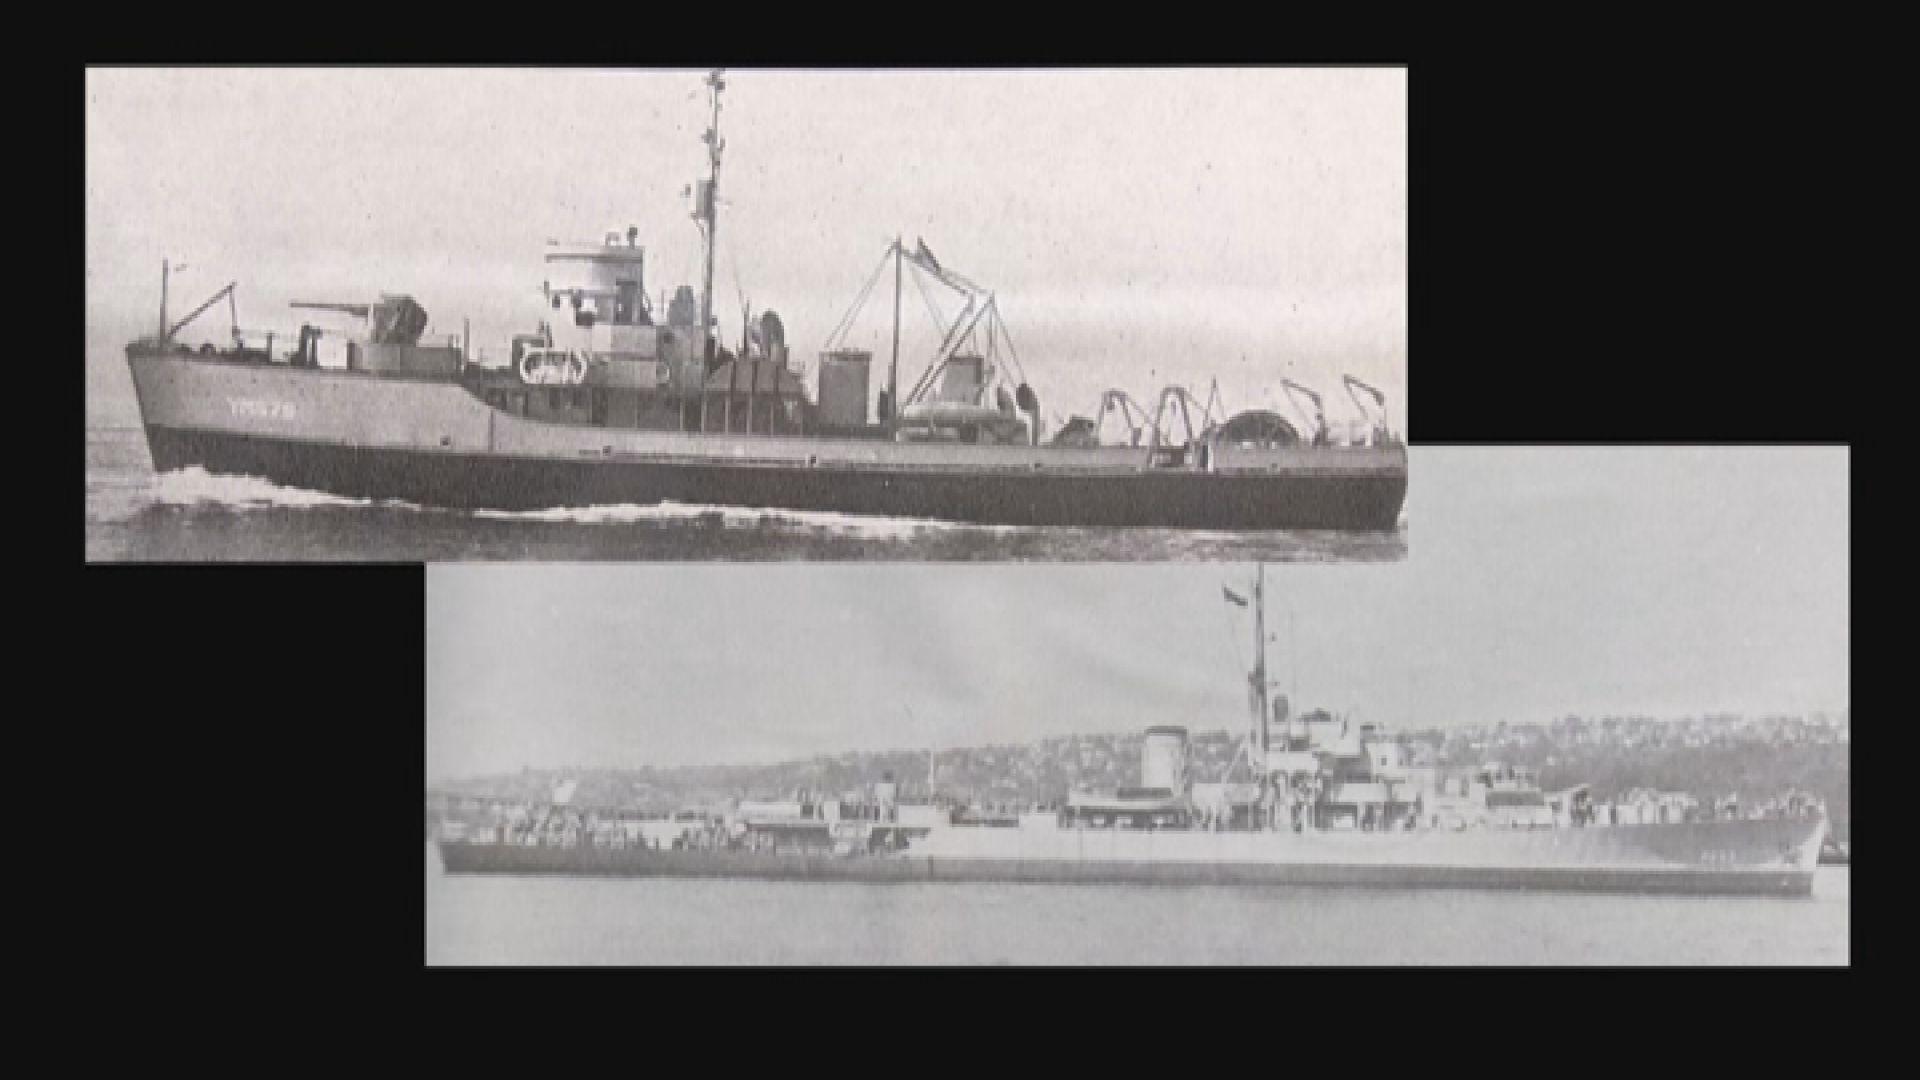 アメリカがソ連に貸与した艦船